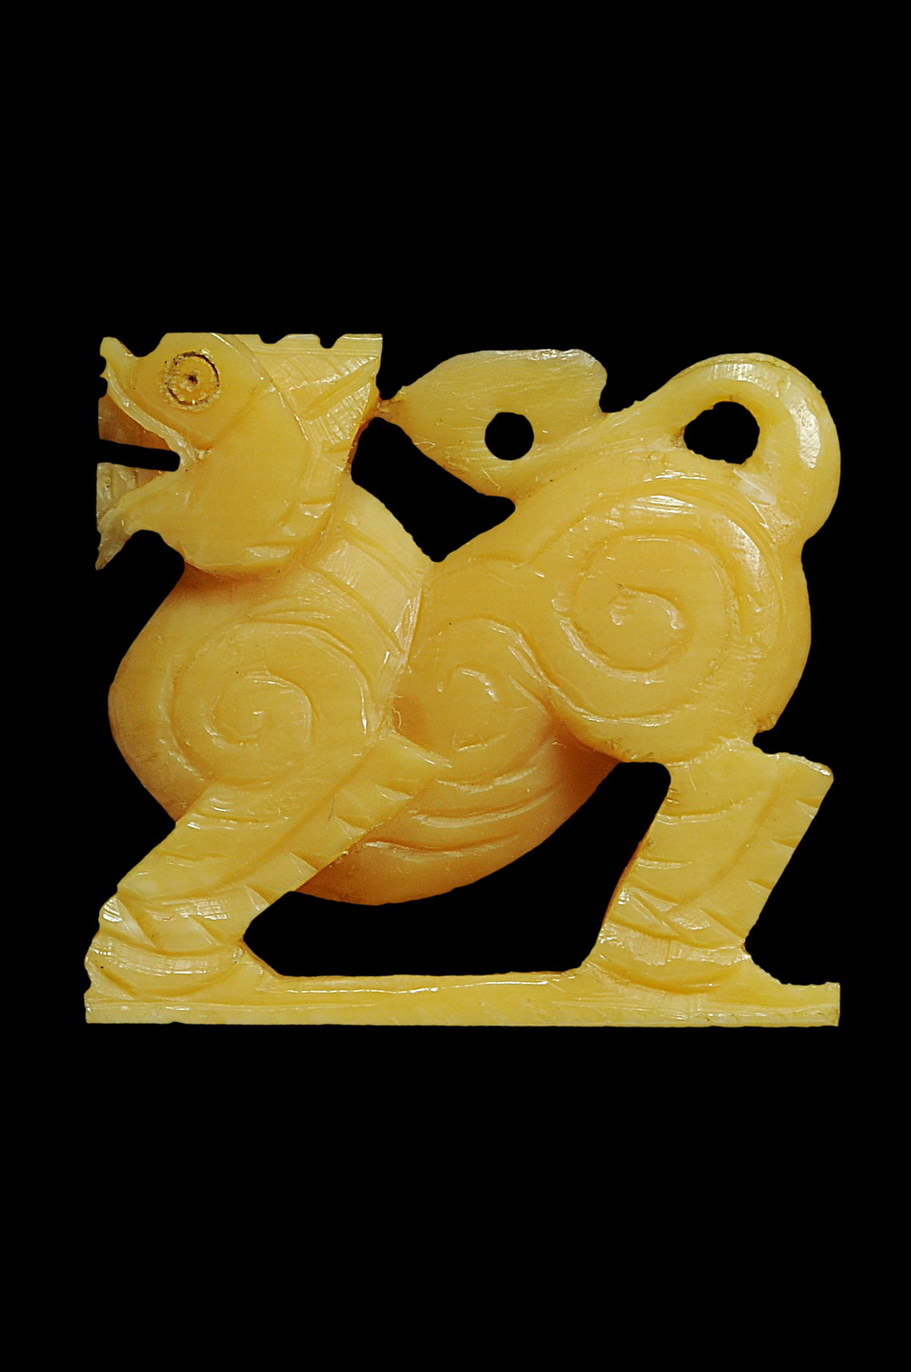 พระเครื่อง  สิงห์ 3 ขวัญ หลวงพ่อเดิม วัดหนองโพ จ.นครสวรรค์ #2#